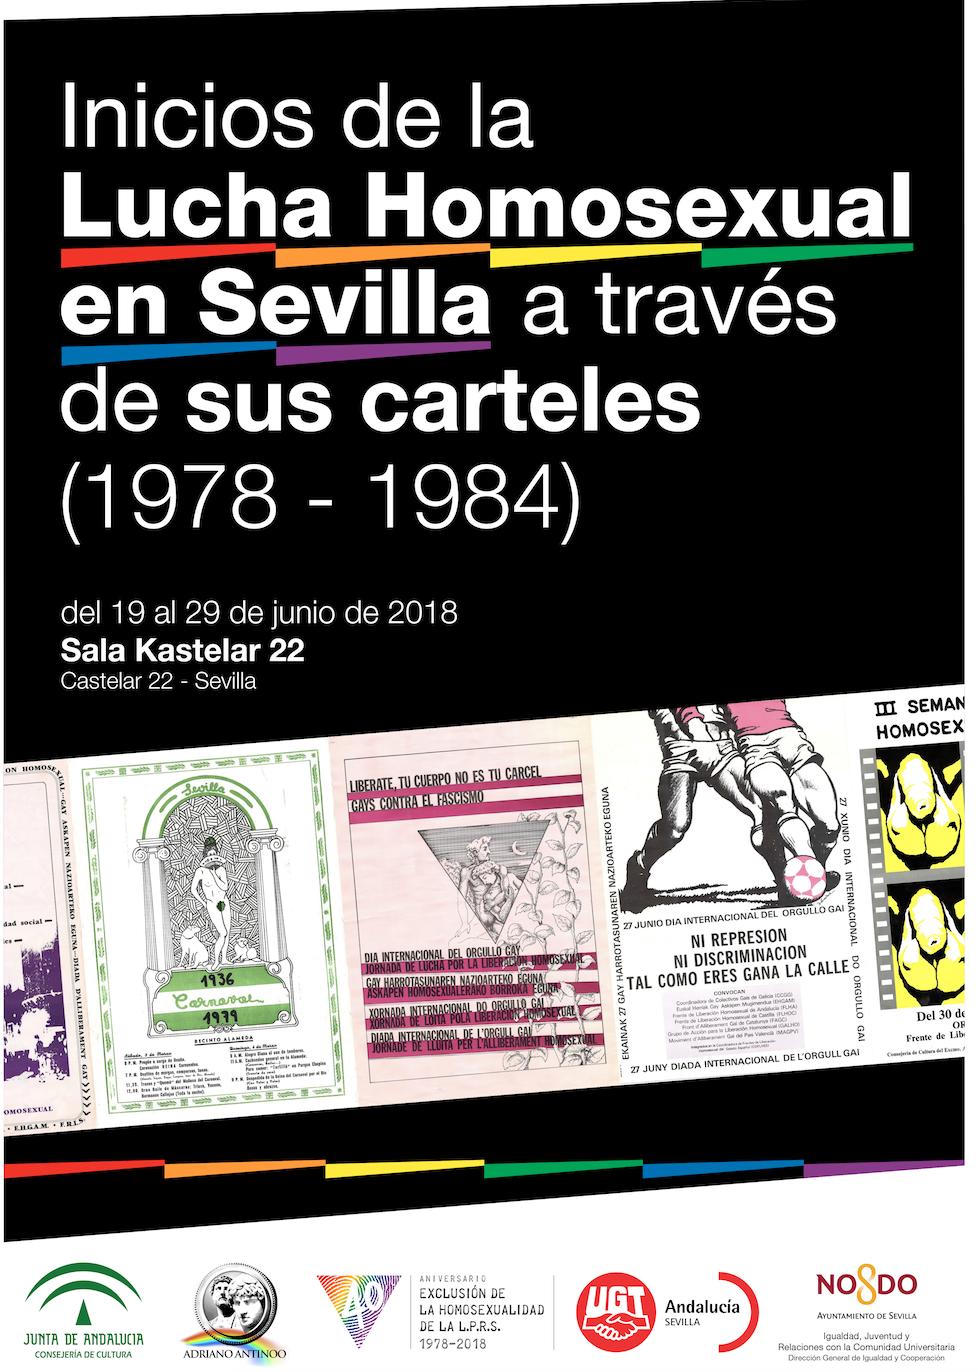 Adriano Antinoo Inicios de la Lucha Homosexual Sevilla